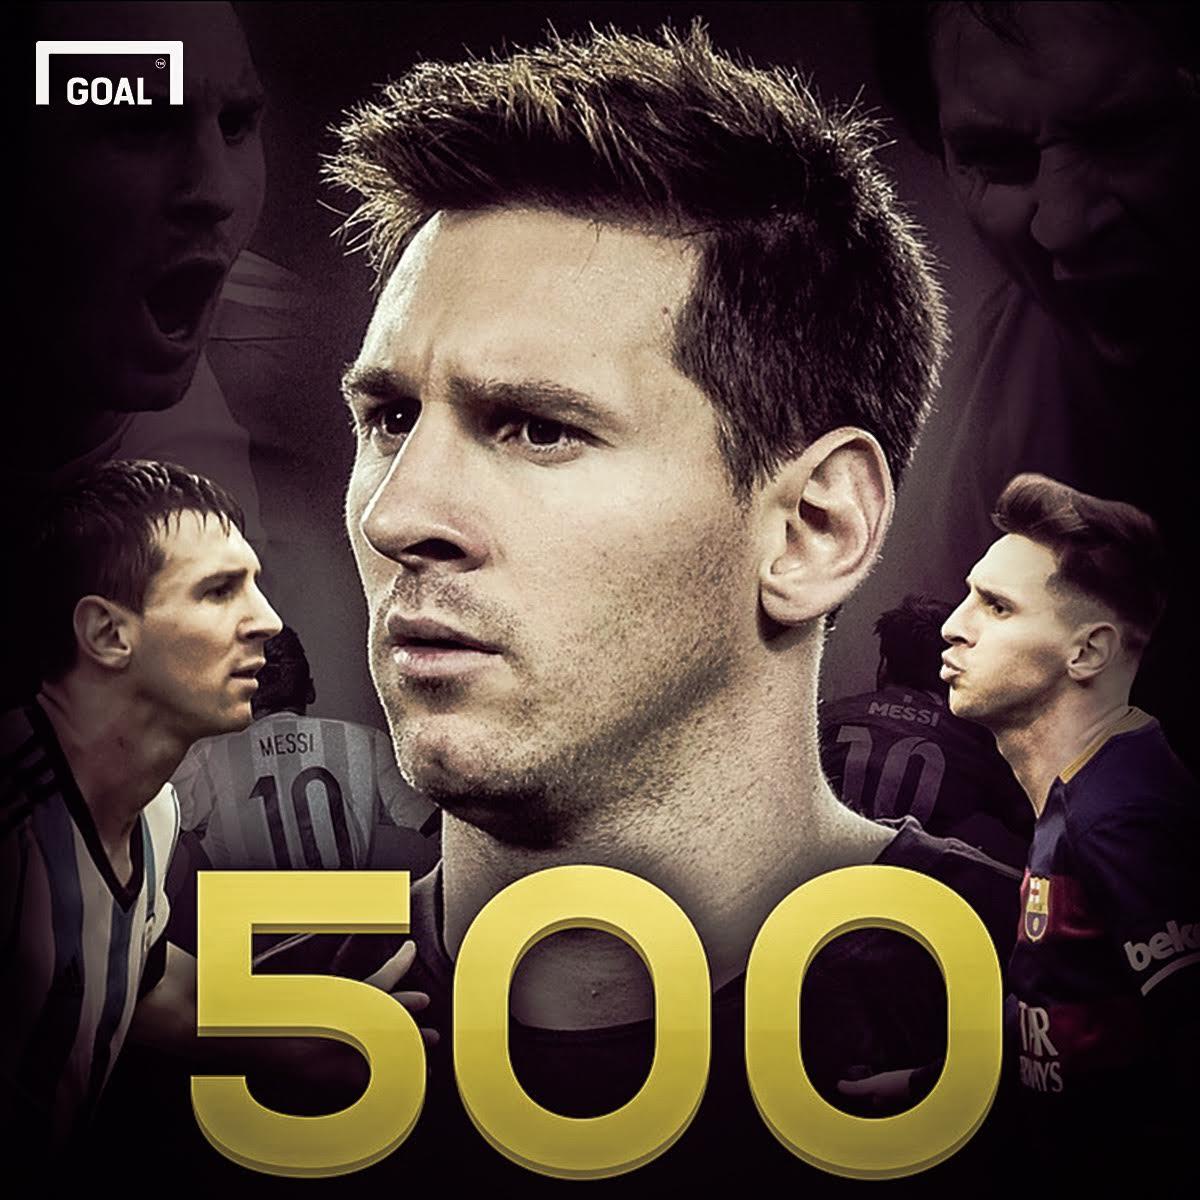 با گلزنی برابر والنسیا،تعداد گل های دوران ورزشی مسی به عدد 500 رسید!